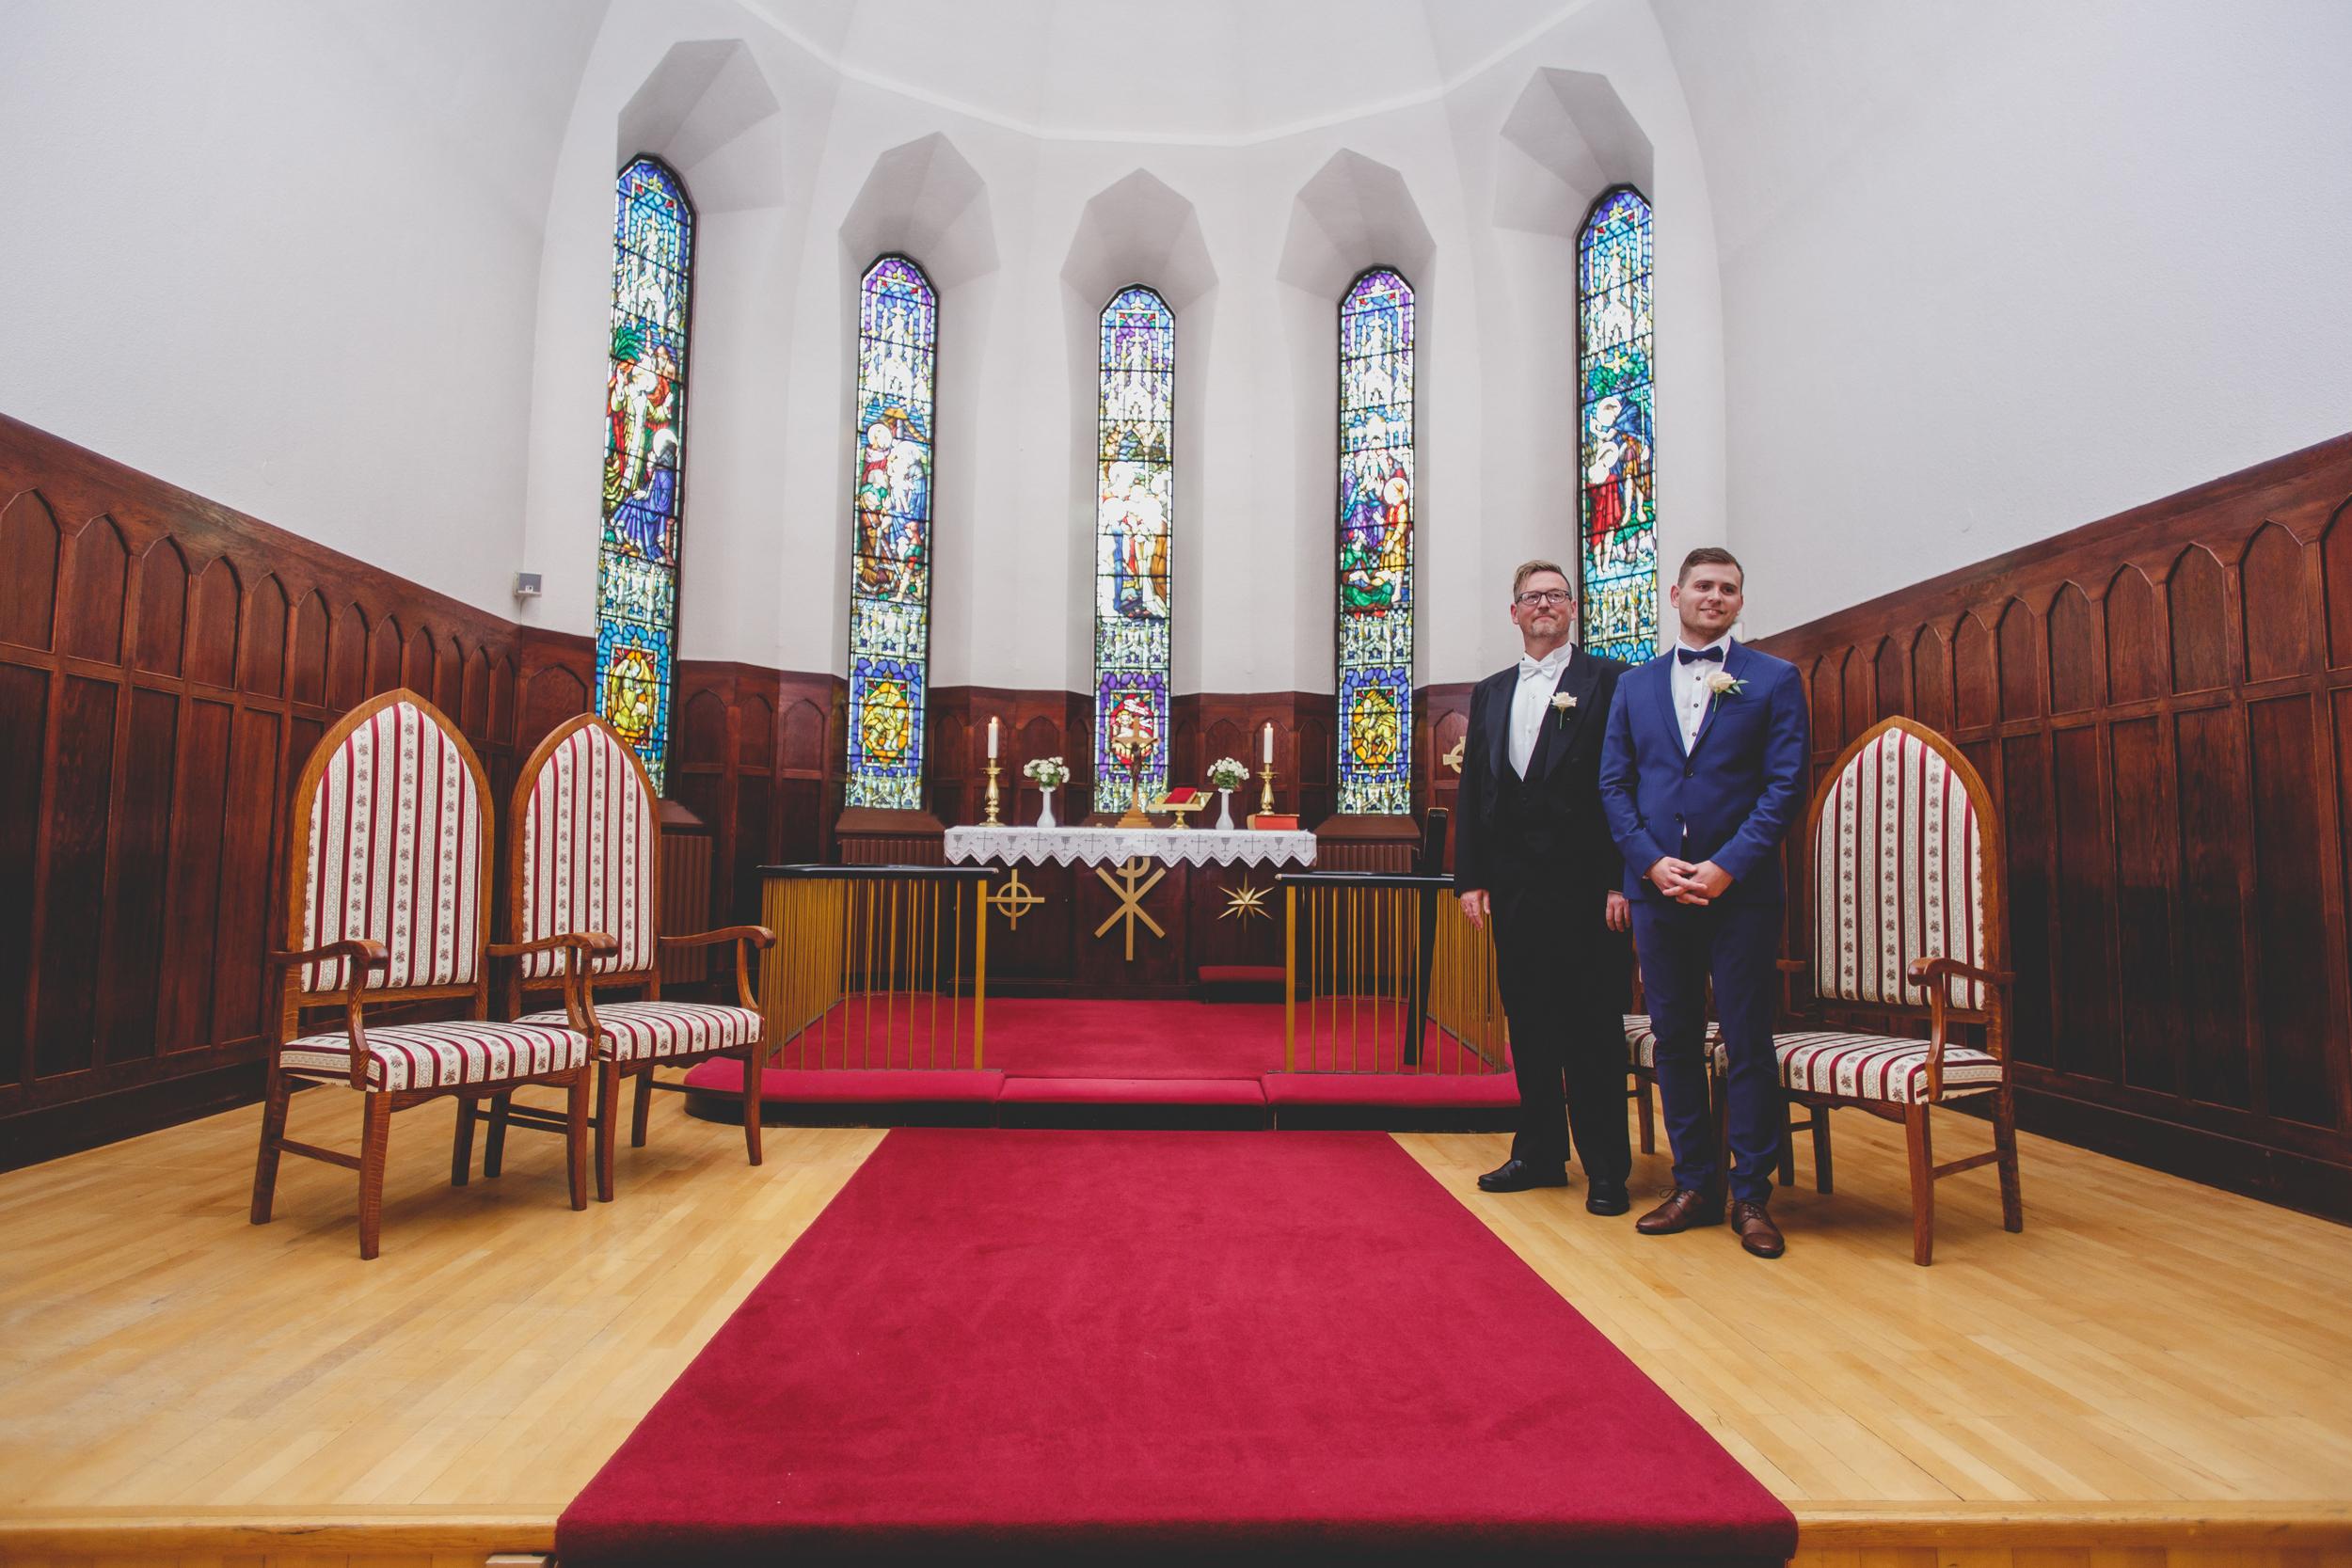 Brudkaup01-178.jpg